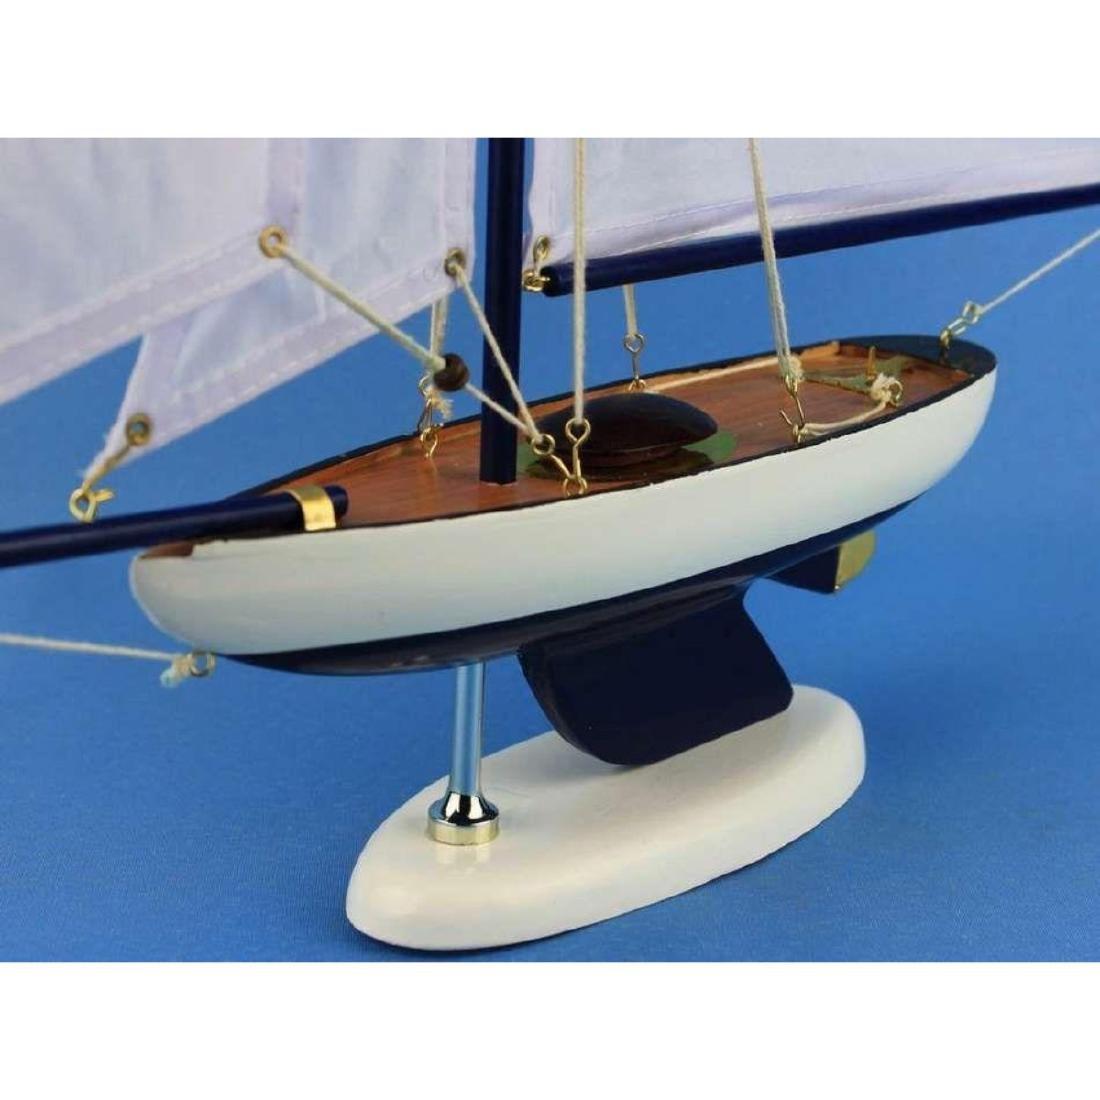 Wooden Bermuda Sloop Dark Blue - White Sails Model - 2